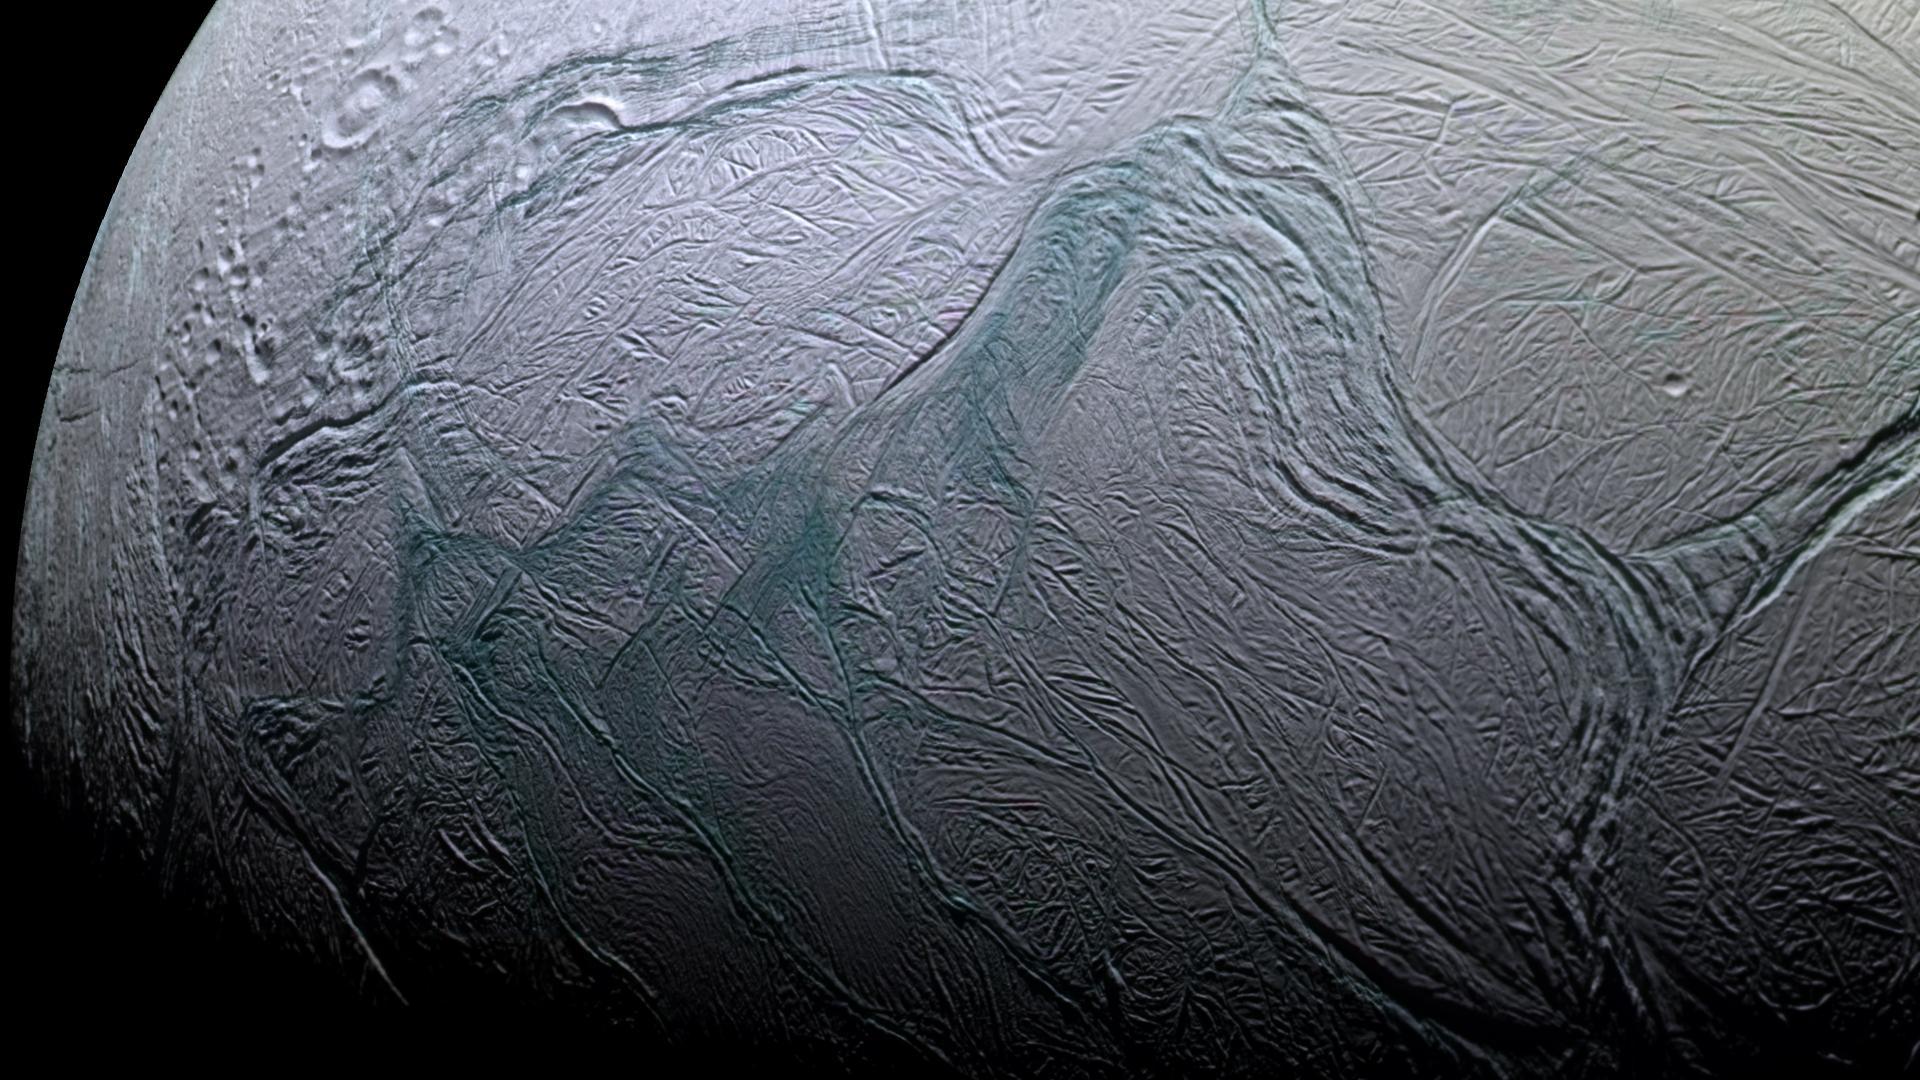 Ученые предположили, что на Энцеладе есть океанические течения